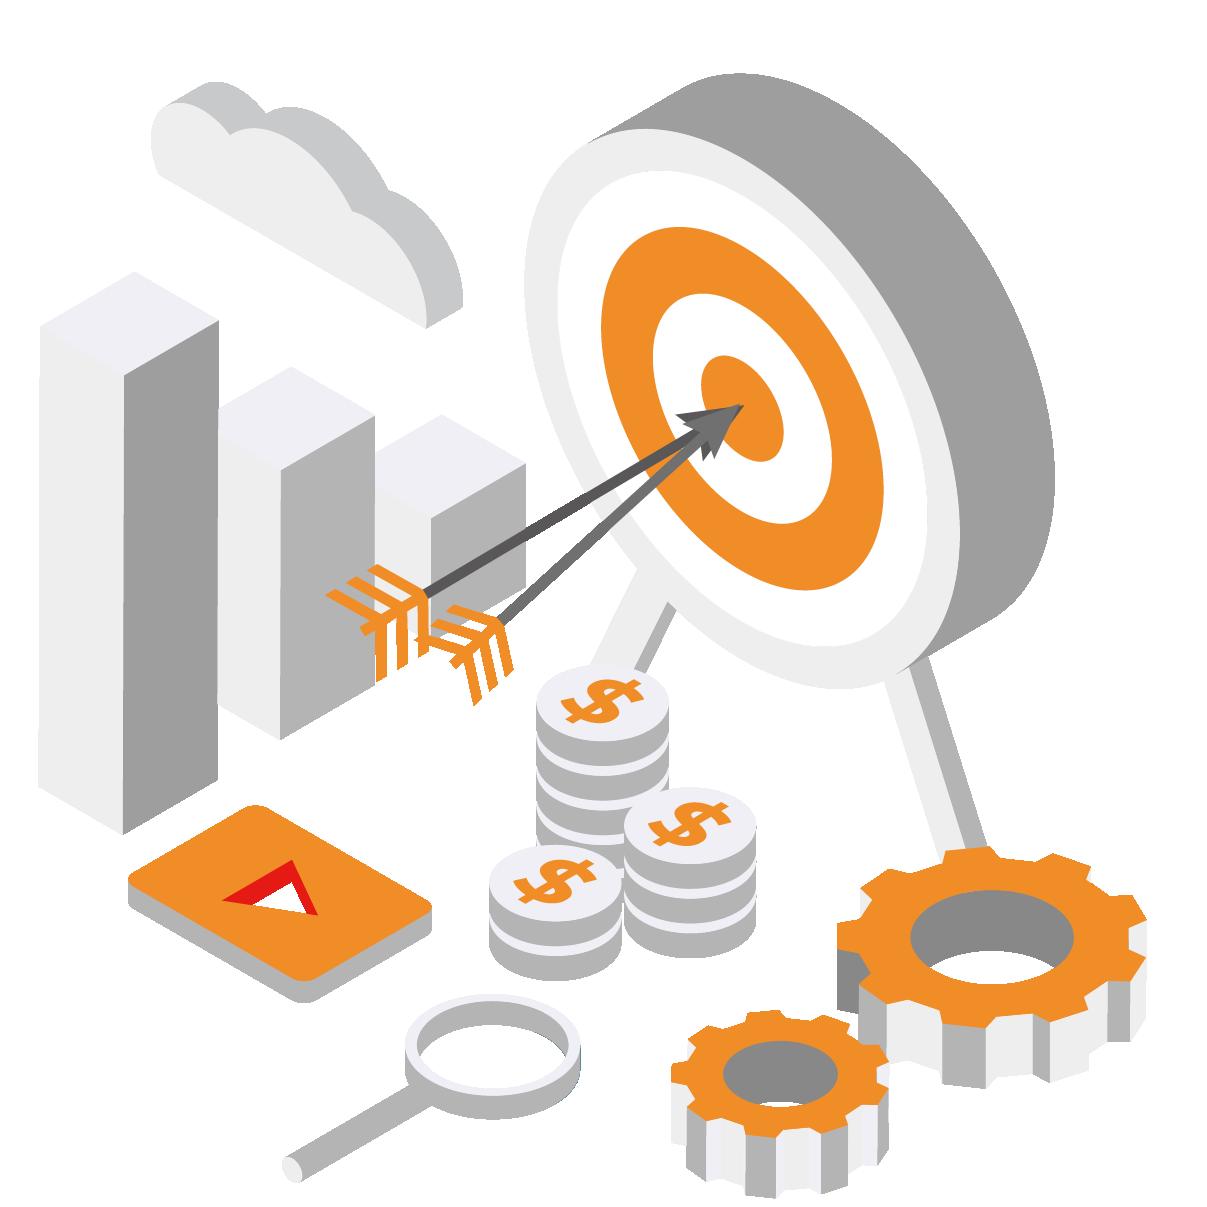 DIGITAL-官方網頁設計,官方網站設計, 品牌網站設計, 網站設計, 網頁設計, 響應式網頁設計, 公司網站設計, 公司網站, 產品網站, LOGO設計, 設計LOGO, 設計品牌, 創意設計, 品牌設計, 商標設計, 平面設計, 視覺設計, 名片設計, 產品設計, 包裝設計, 網頁設計, 網站設計, CIS企業識別設計, CIS, LOGO, DESIGN, brochure, FlyerDIGITAL_網站設計_網頁設計_響應式網頁設計_公司網站設計_公司網站_產品網站_LOGO設計_設計LOGO_設計品牌_創意設計_品牌設計_商標設計_平面設計_視覺設計_名片設計_產品設計_包裝設計_網頁設計_網站設計_CIS企業識別設計_CIS_LOGO_DESIGN_brochure_Flyer